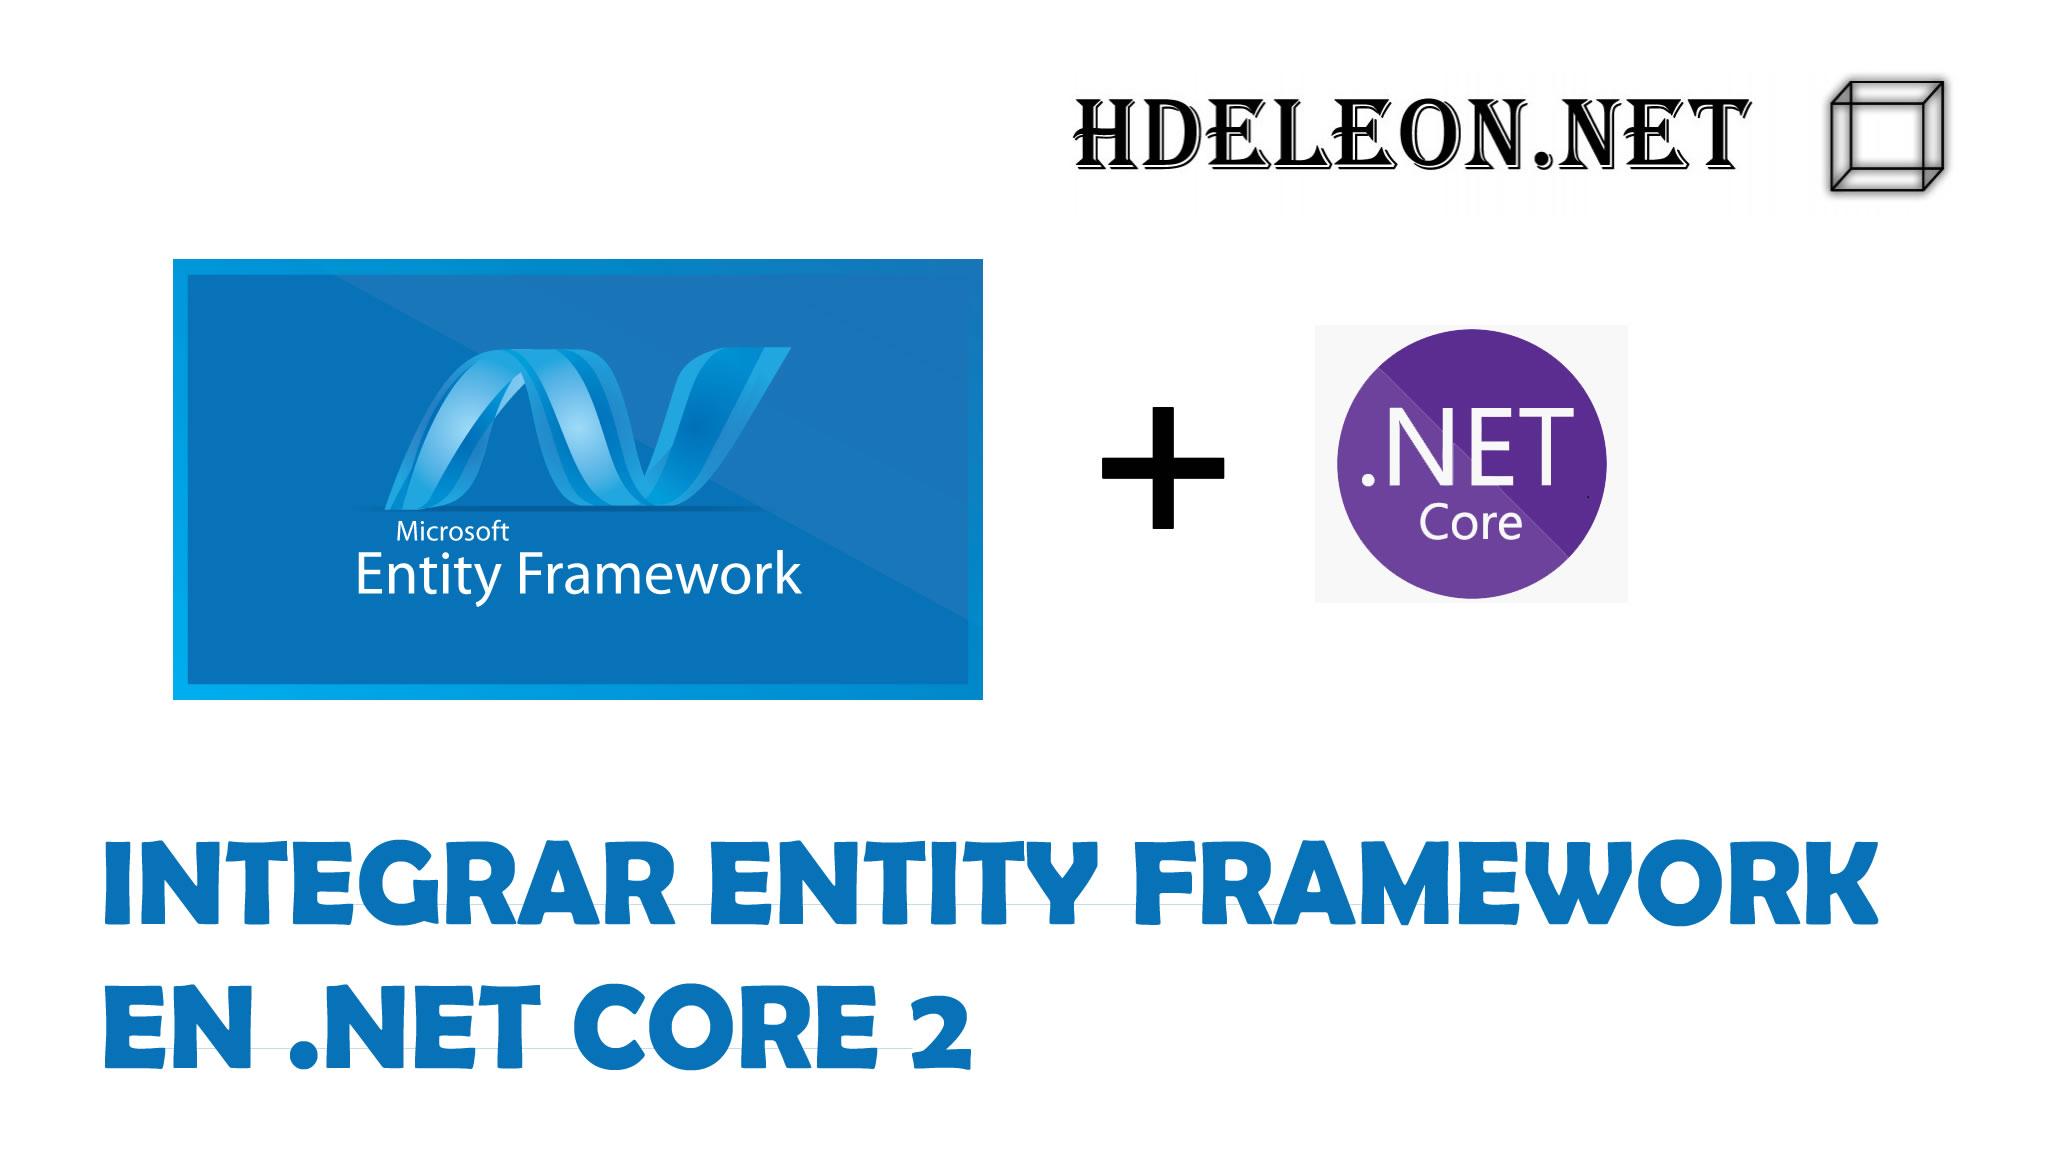 Integrar Entity Framework en .Net Core 2 de una base de datos existente, Visual Studio